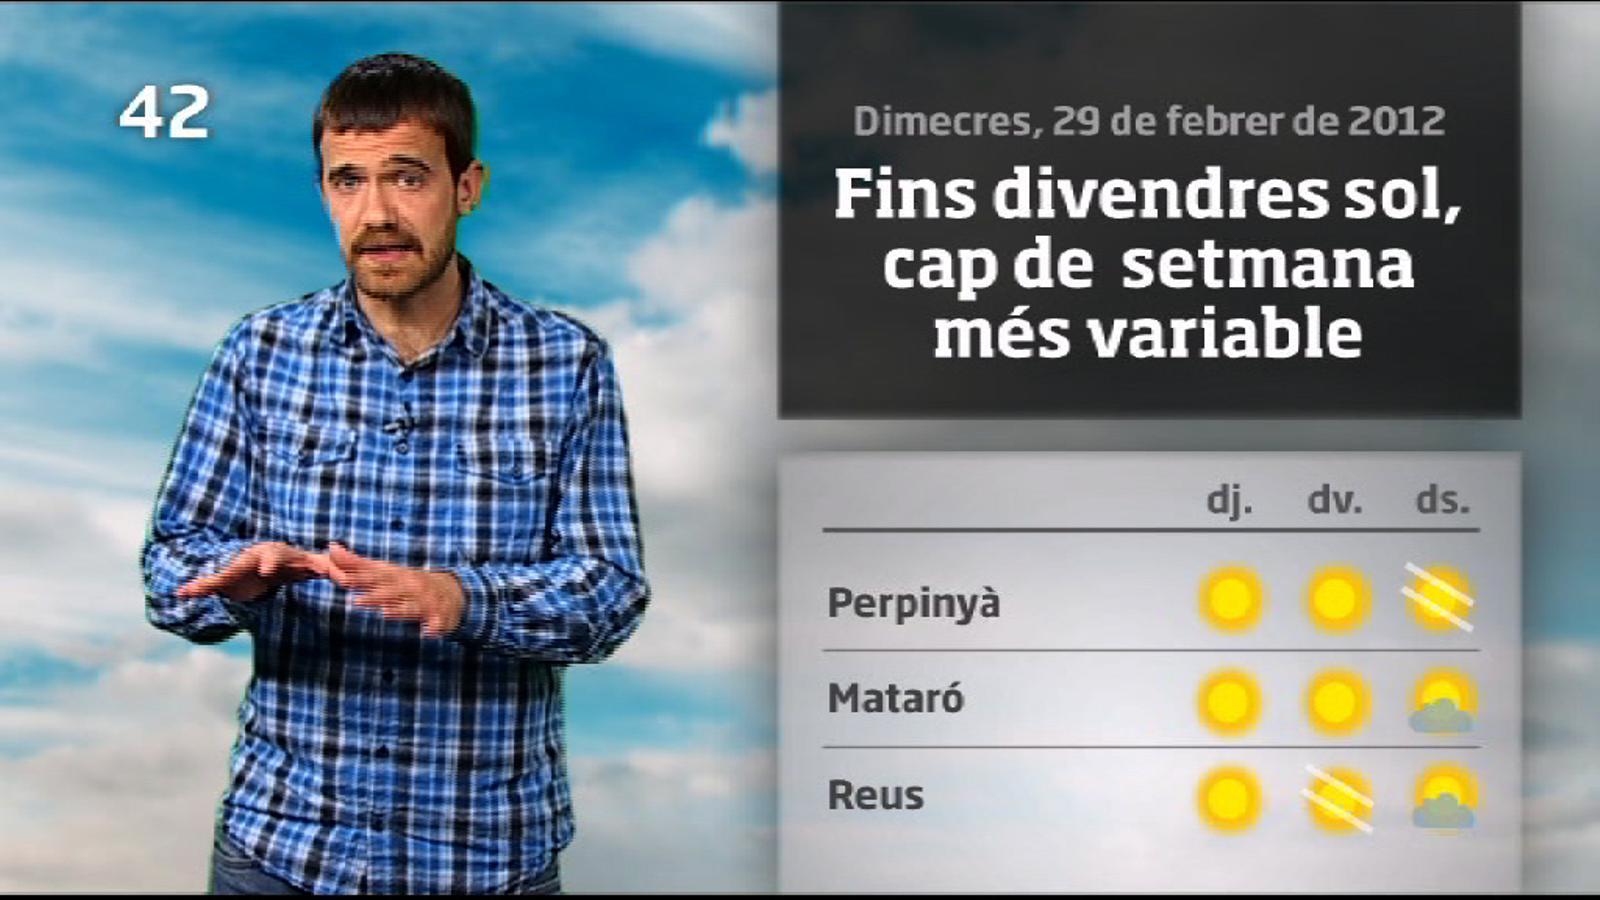 La méteo en 1 minut: sol fins divendres, cap de setmana més variable (1/3/2012)